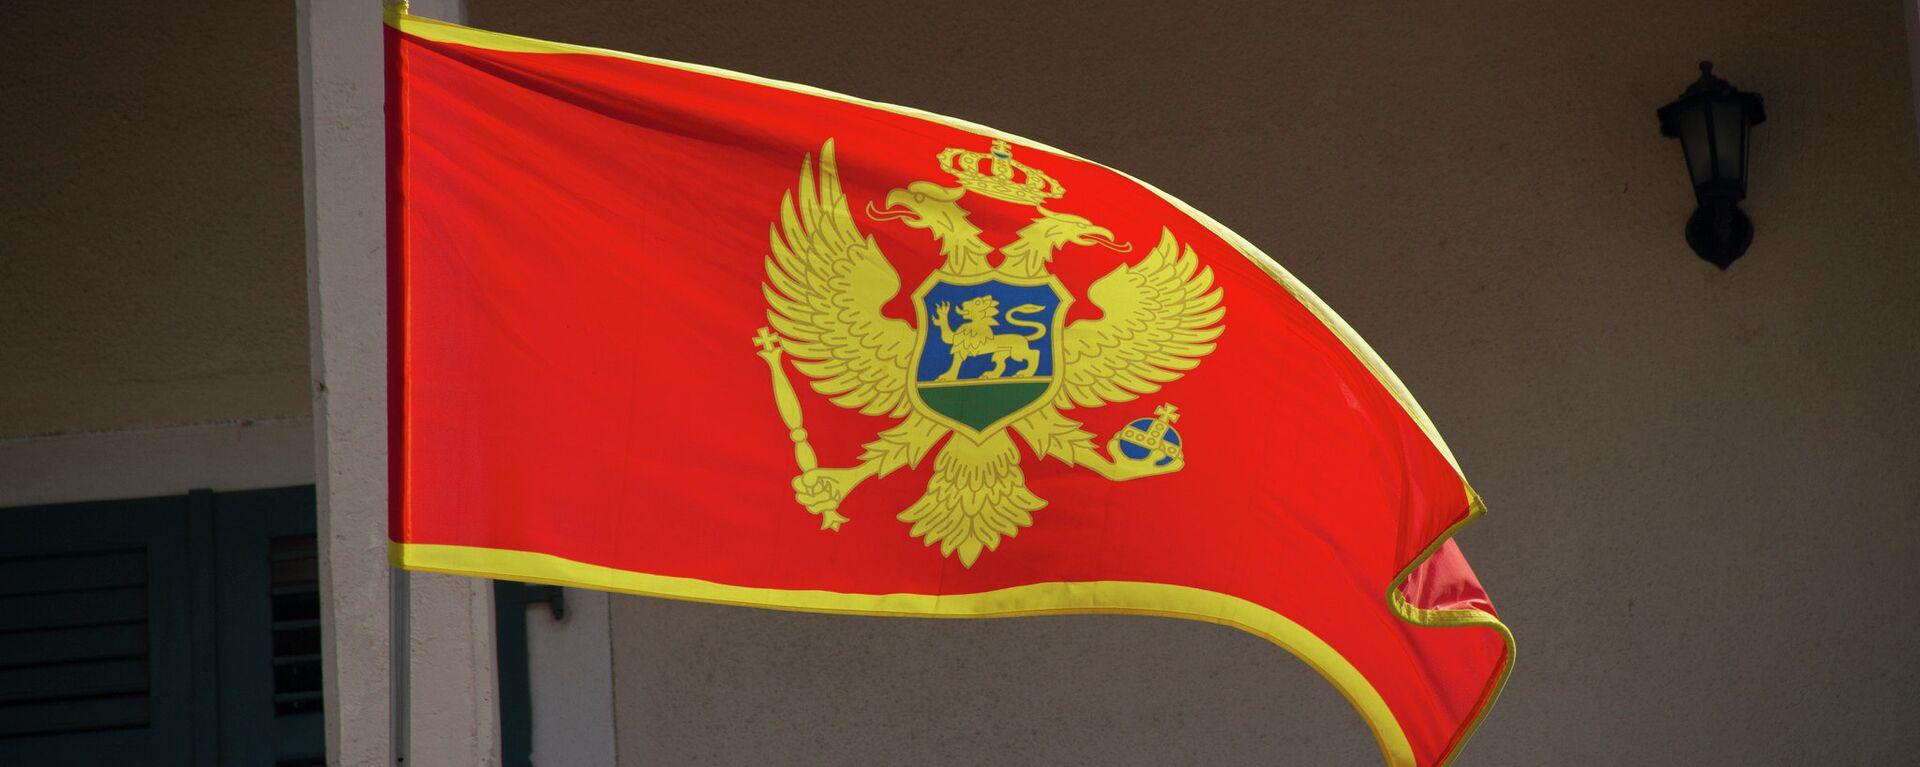 Црногорска застава - Sputnik Србија, 1920, 30.08.2021